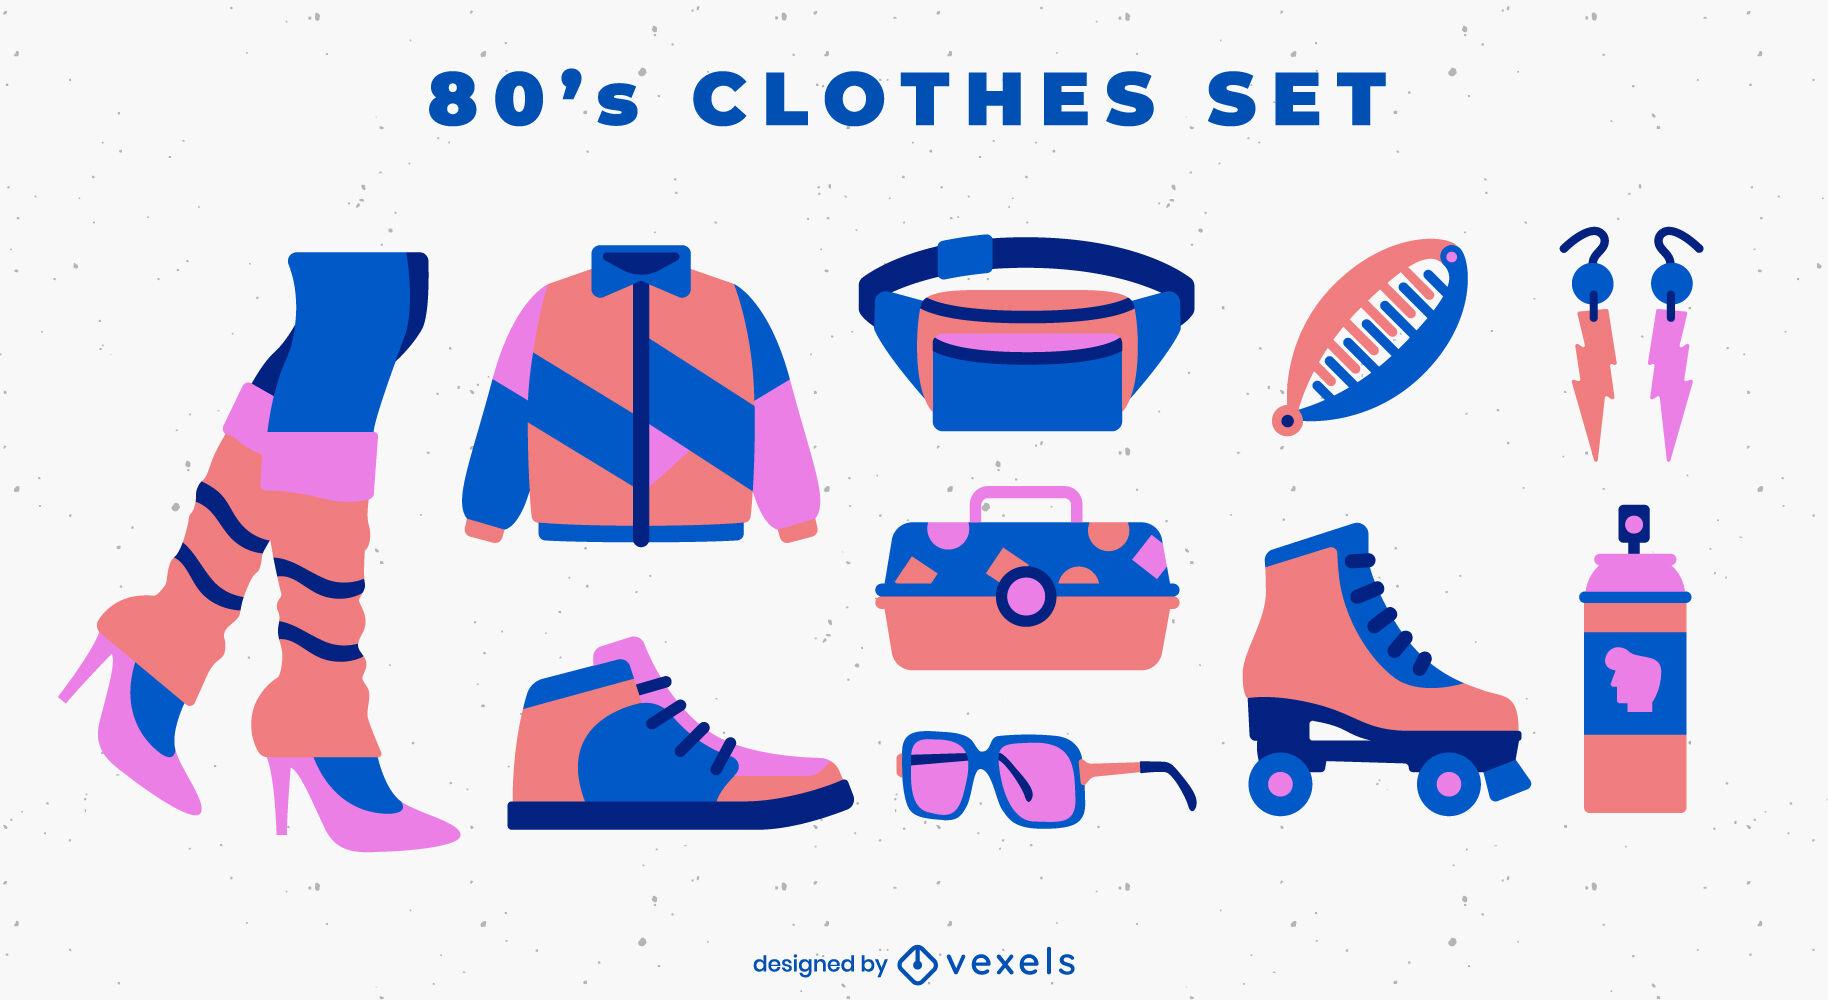 Conjunto de complementos y moda retro 80's